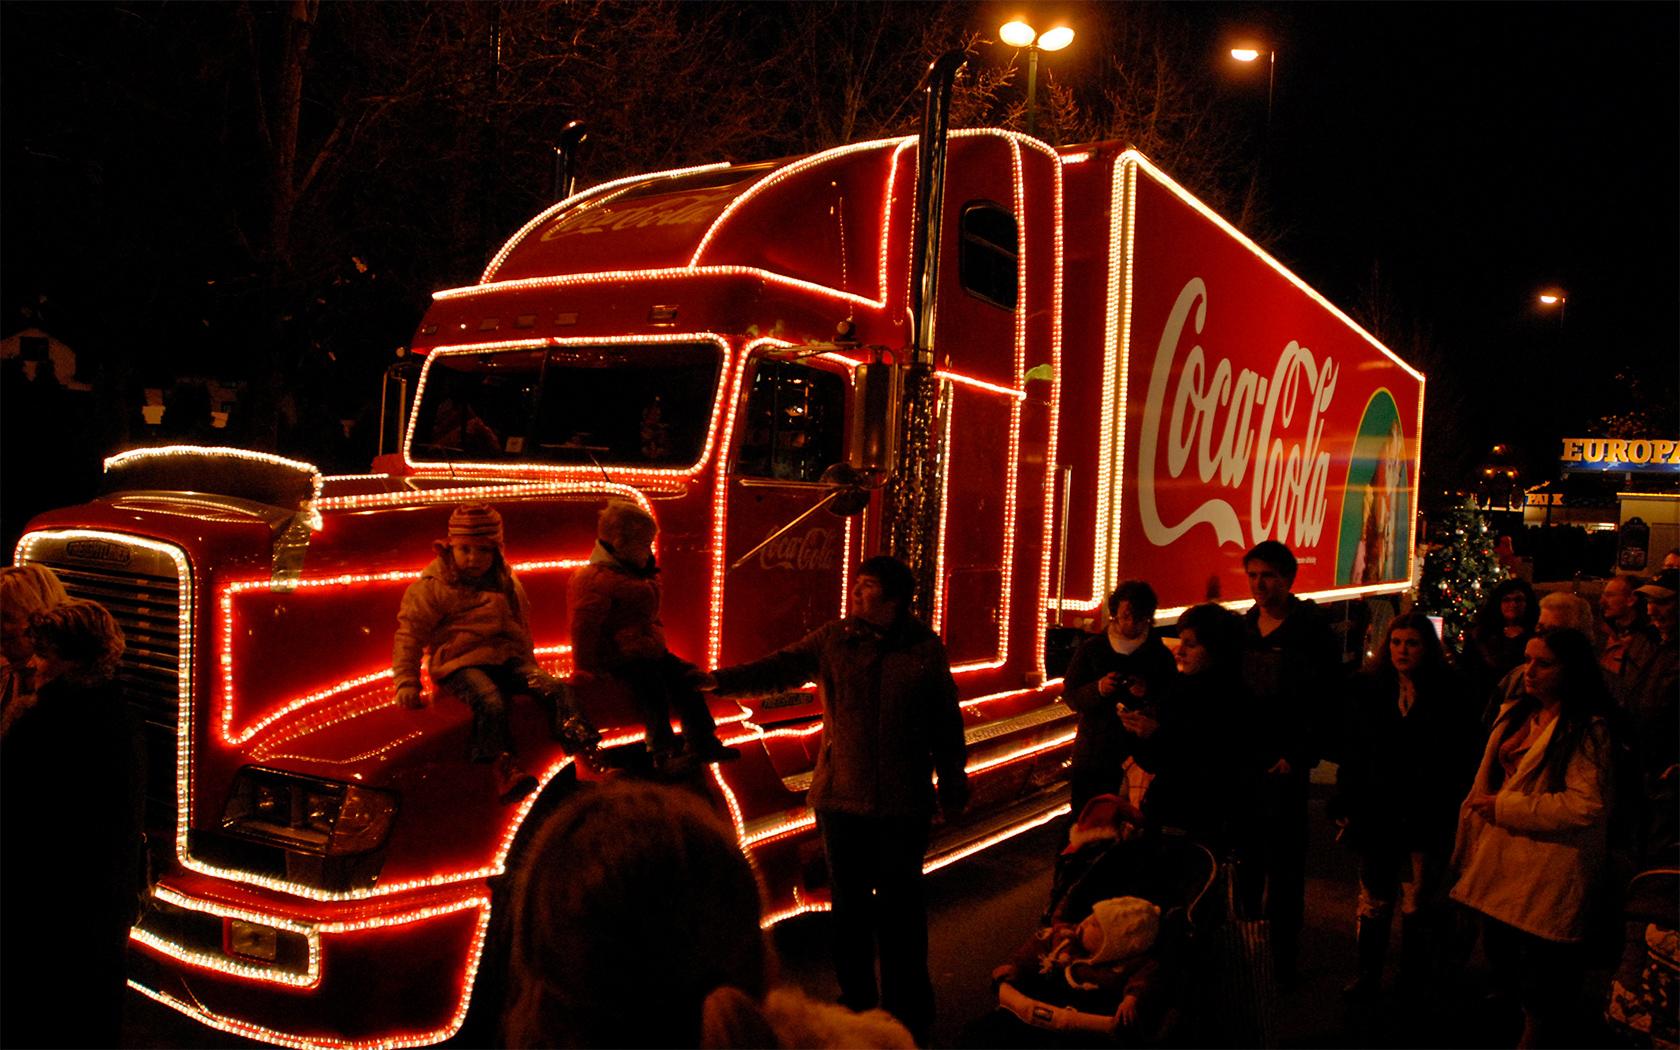 Coca Cola Weihnachten Wallpaper Coca Cola Weihnachtstruck im